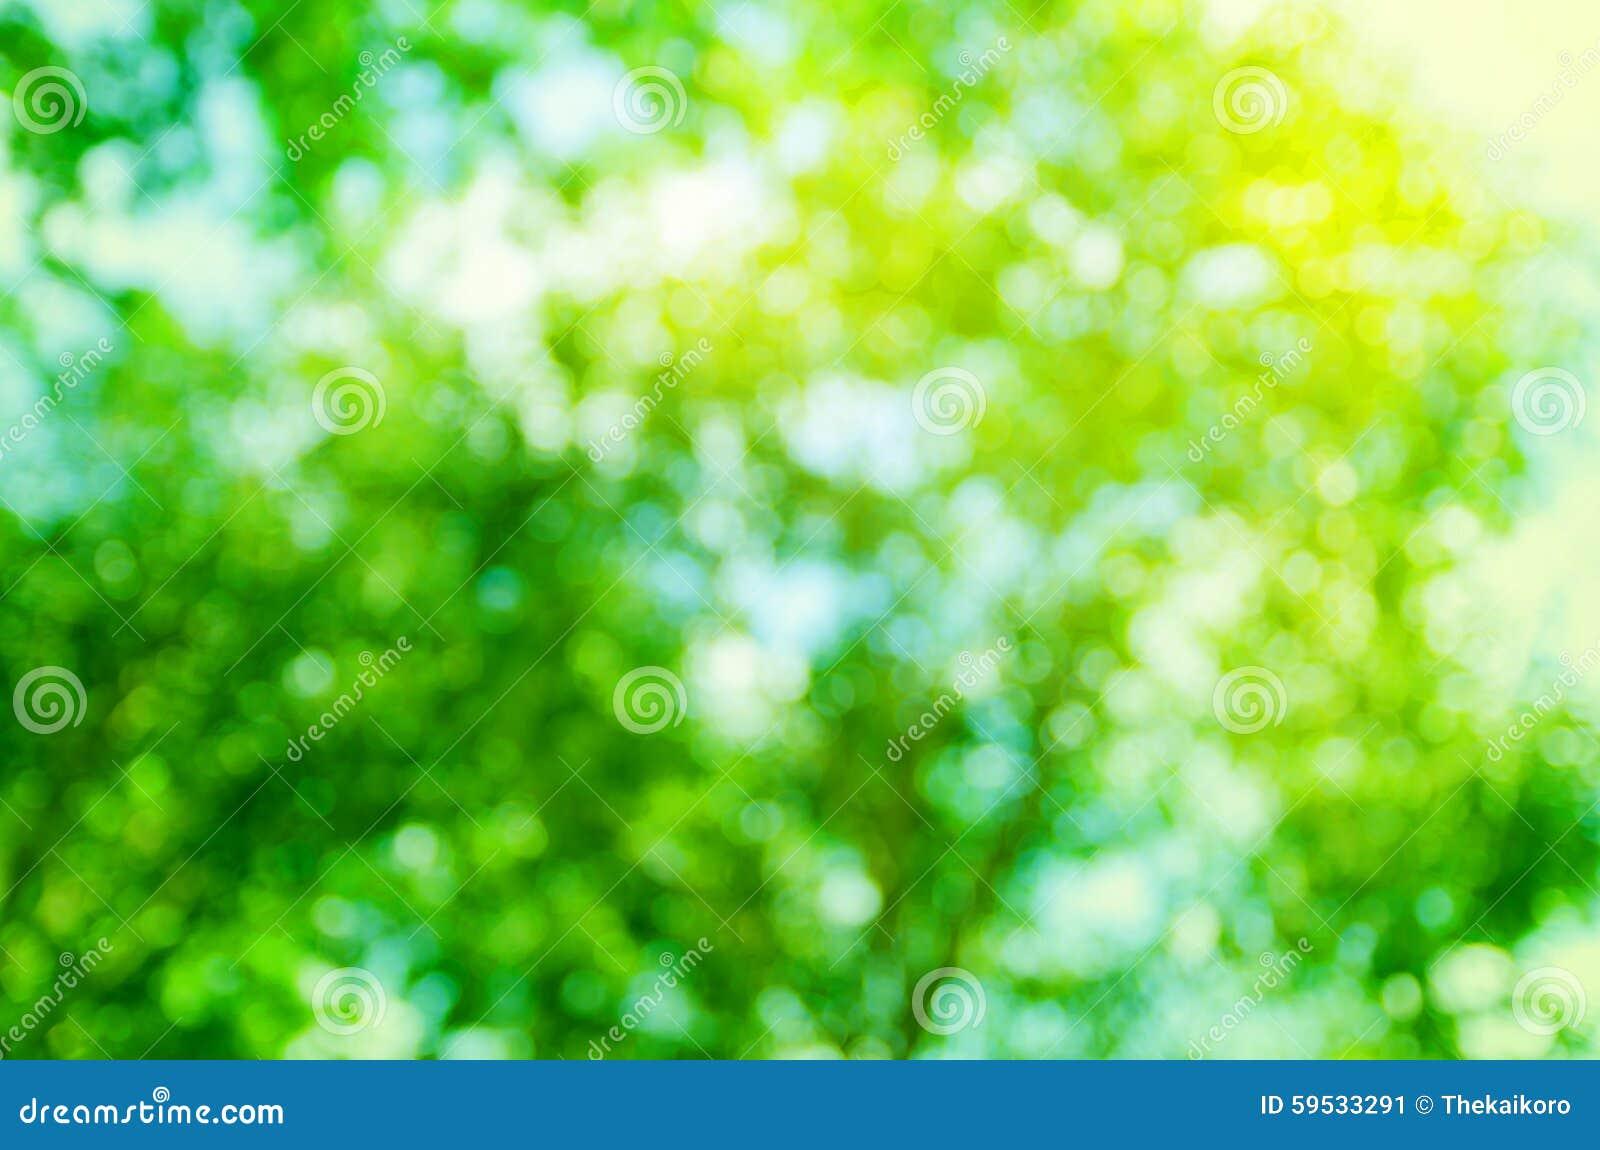 Bokeh abstrato da árvore do verde do fundo, natureza do borrão